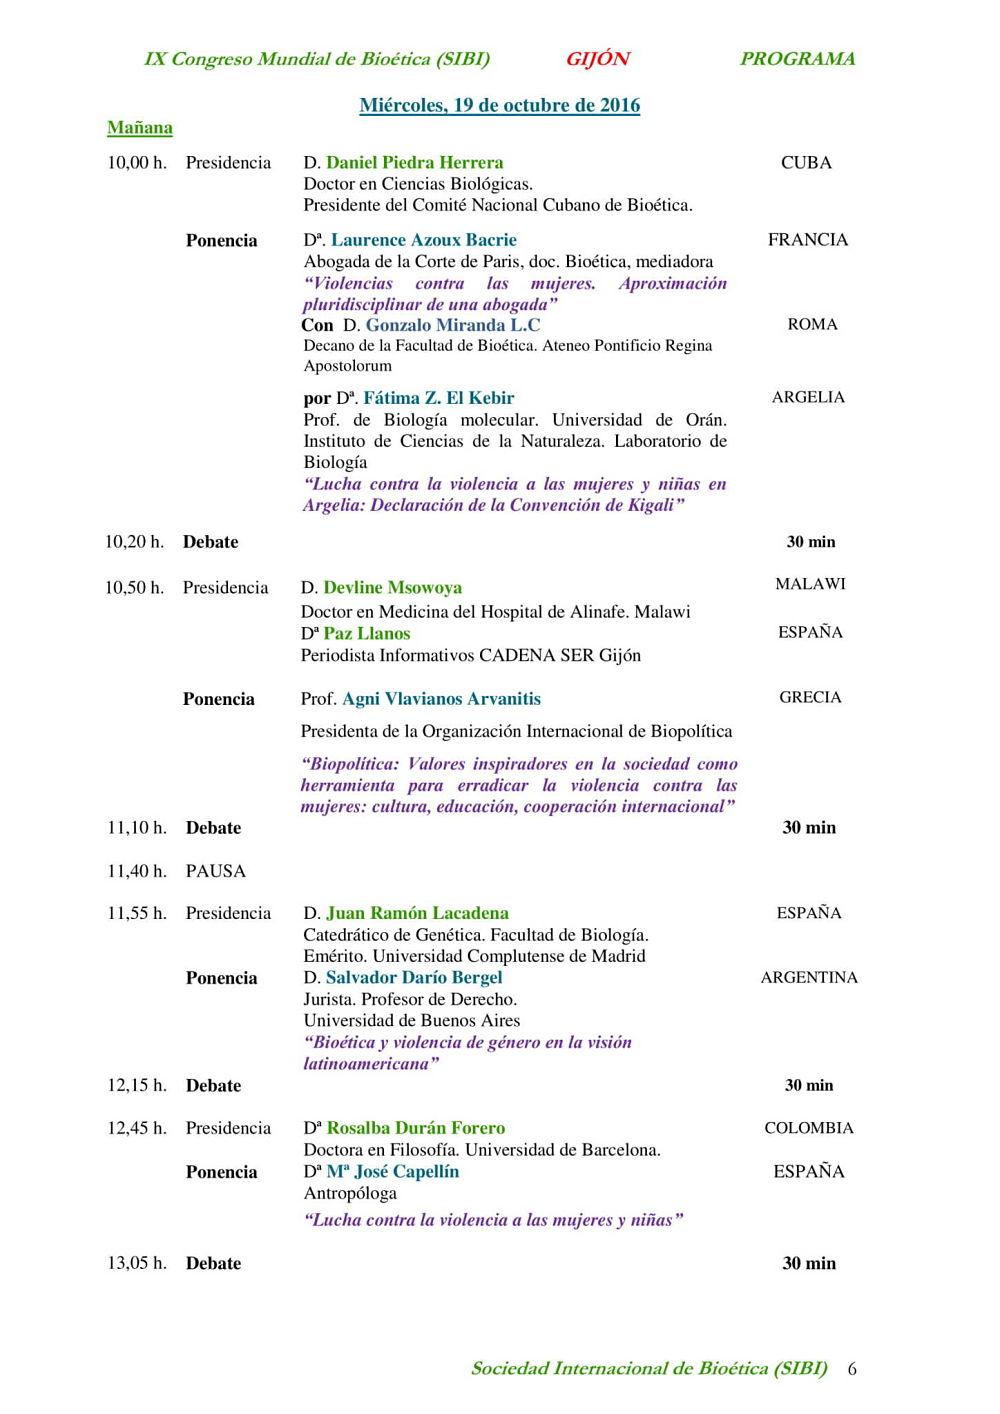 pagina sexta del programa del congreso mundial de bioetica